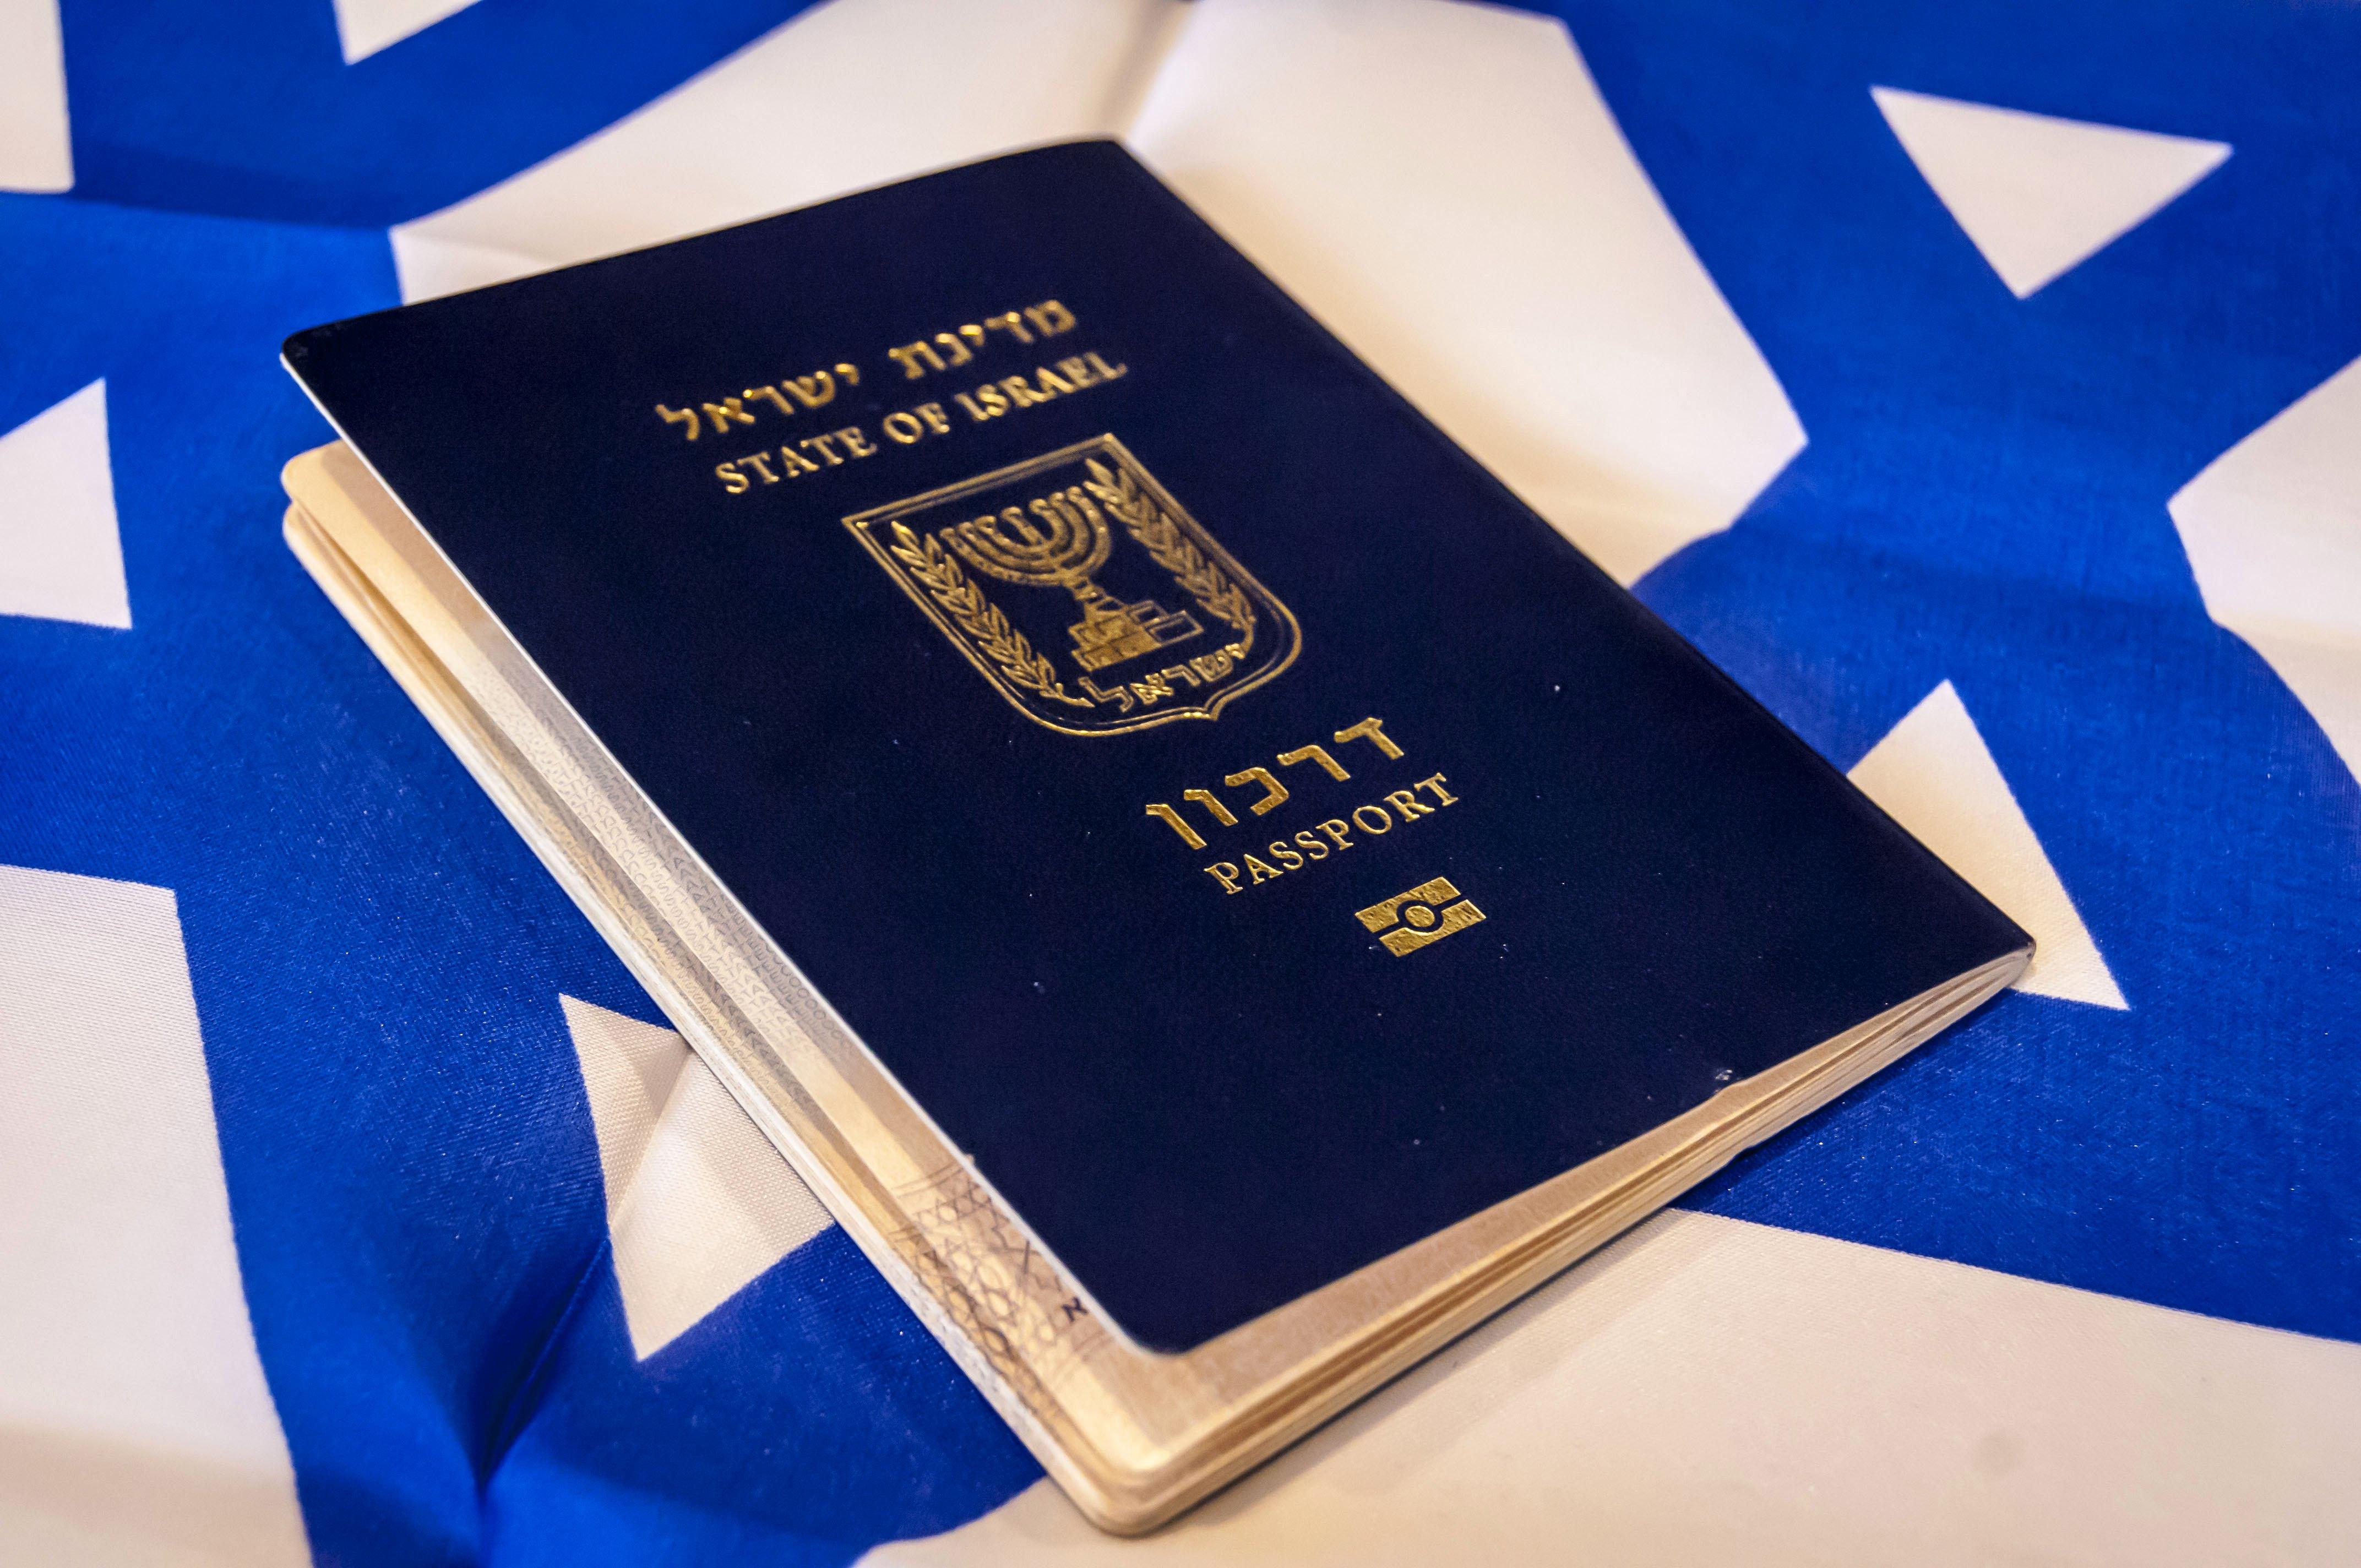 Флаг и паспорт Израиля, гражданство которого могут получить россияне